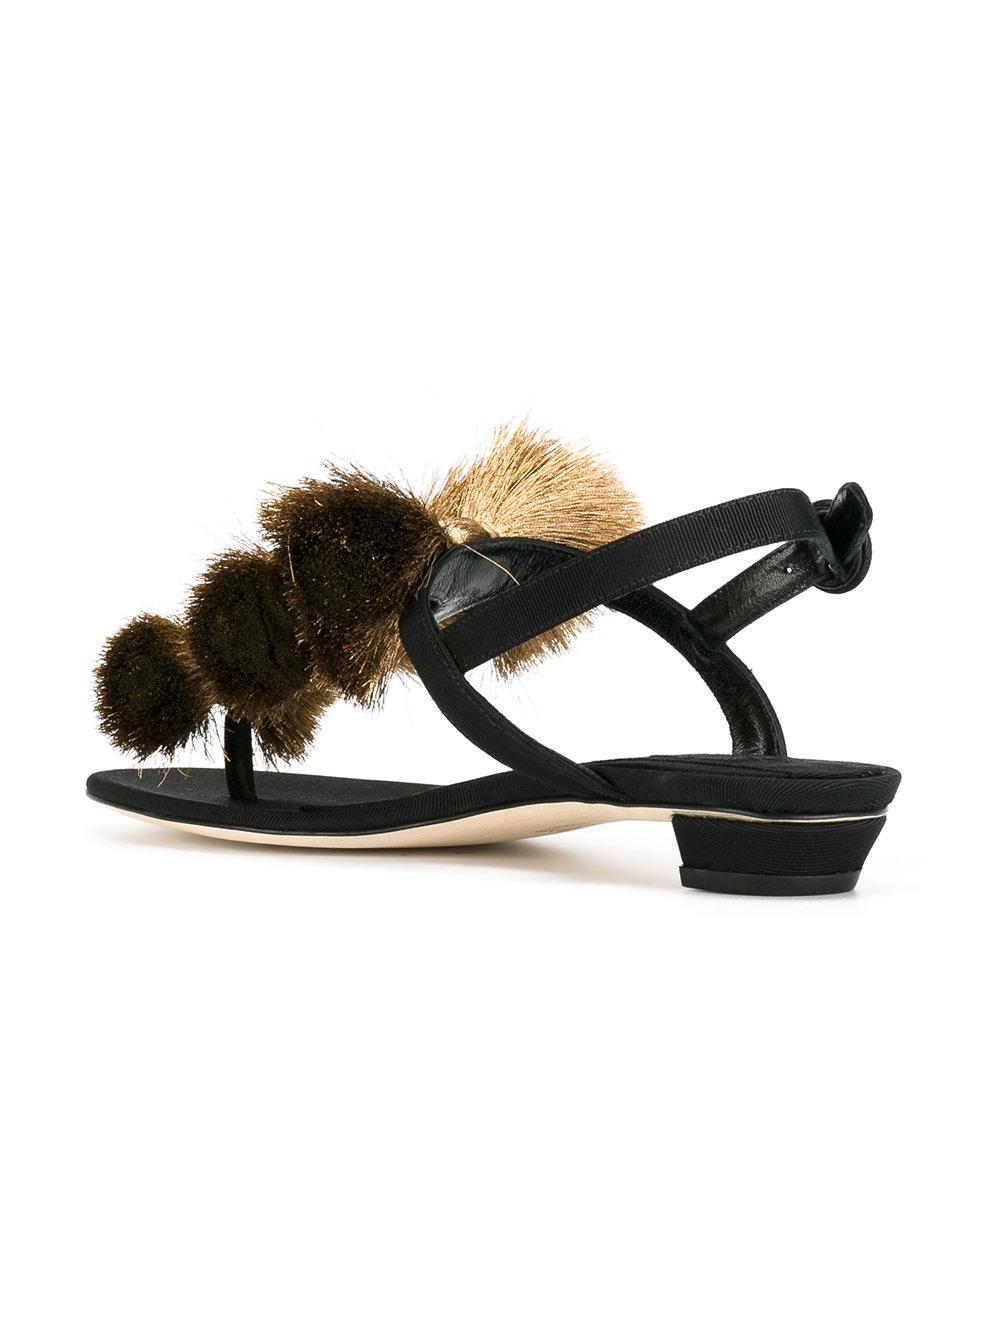 Fiocco sandals - Black Sanayi 313 mofXKmW2ta